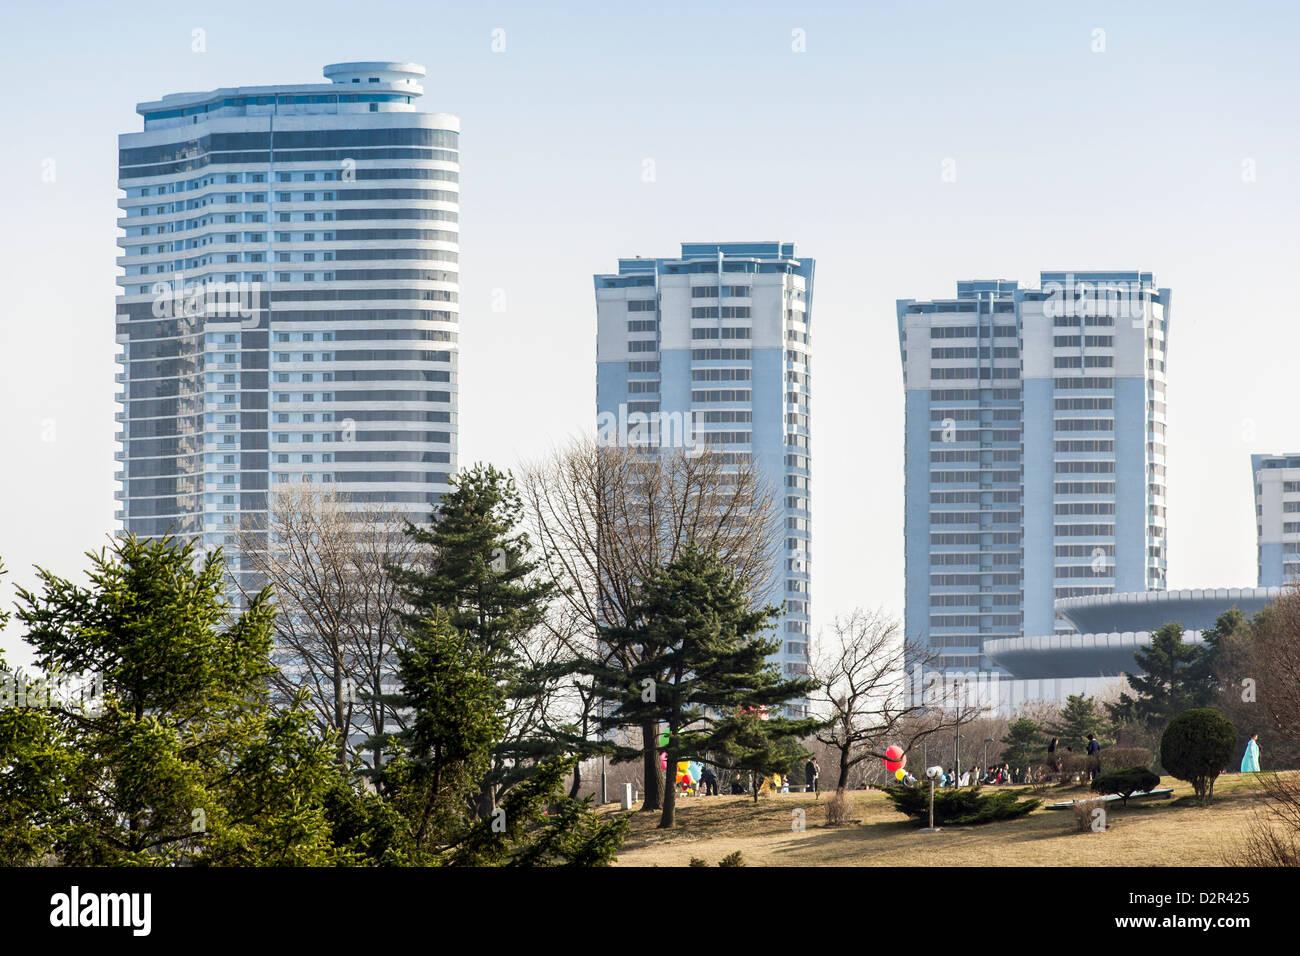 Moderni edifici appartamento nel centro della città, a Pyongyang, Repubblica Popolare Democratica di Corea Immagini Stock